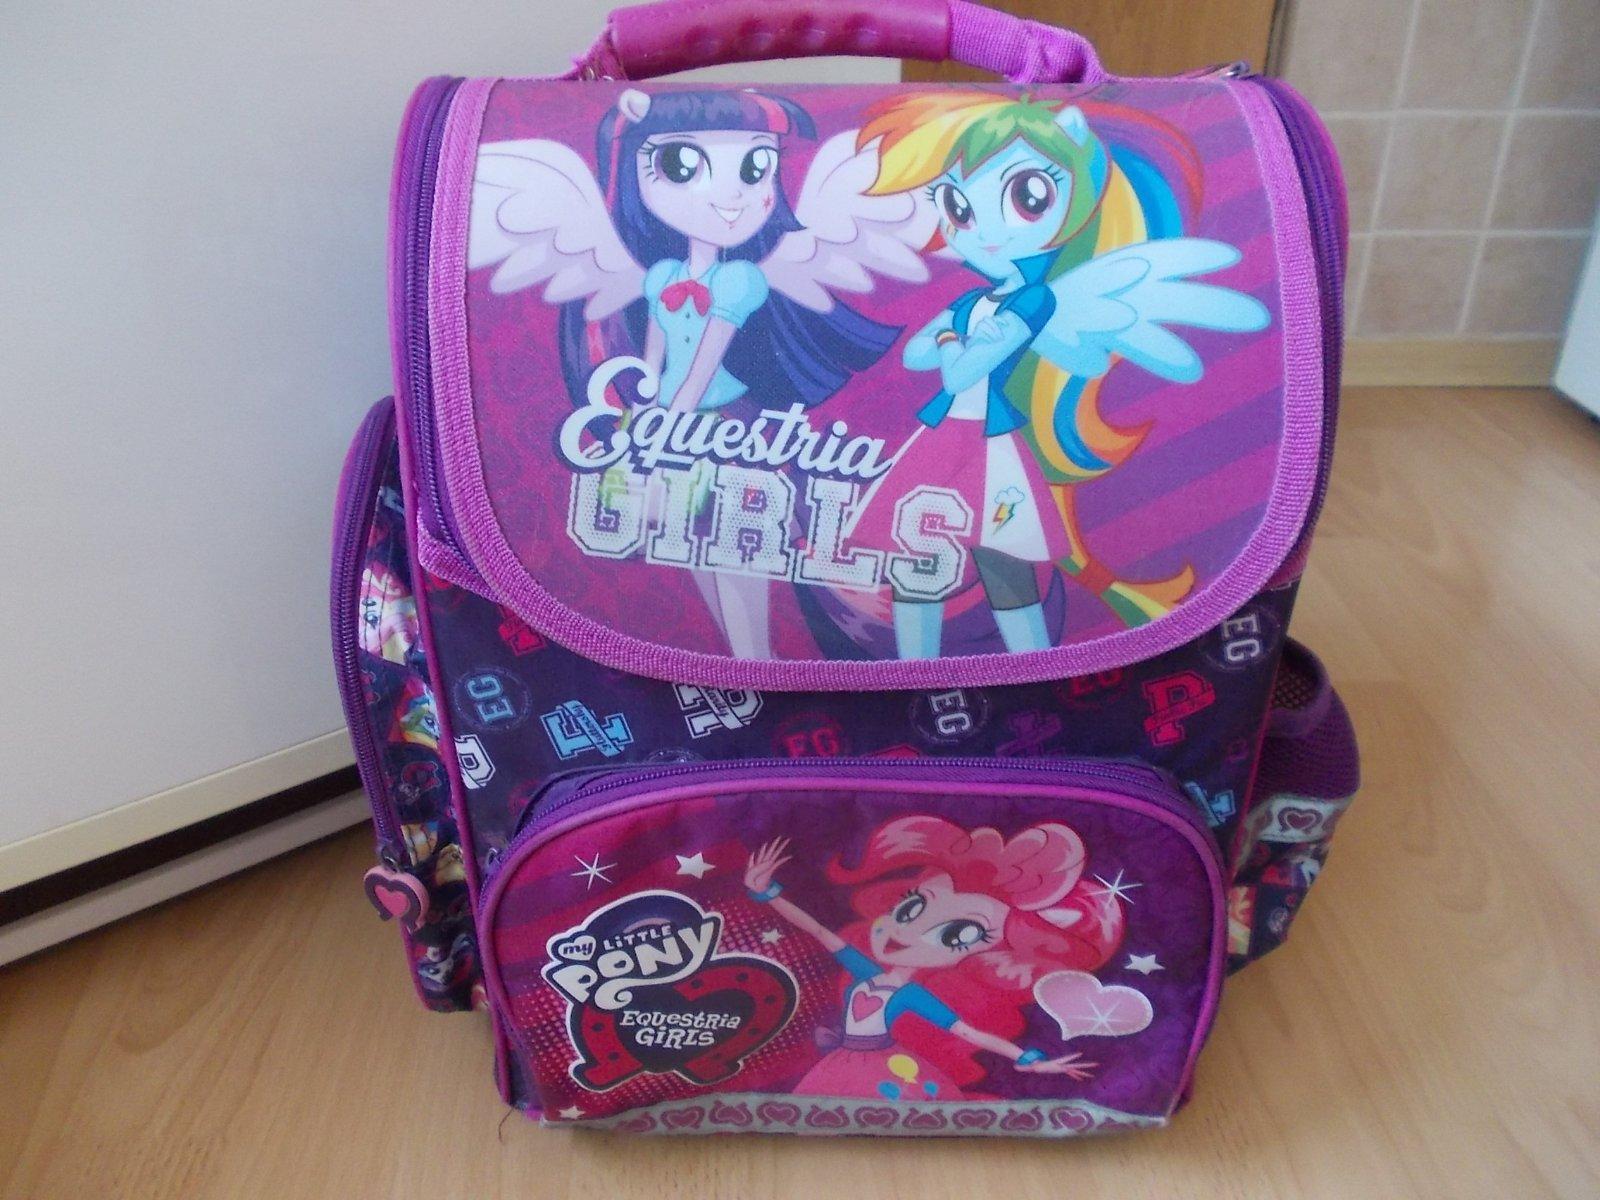 64984f9f04 Mlp equestria girls školska taška